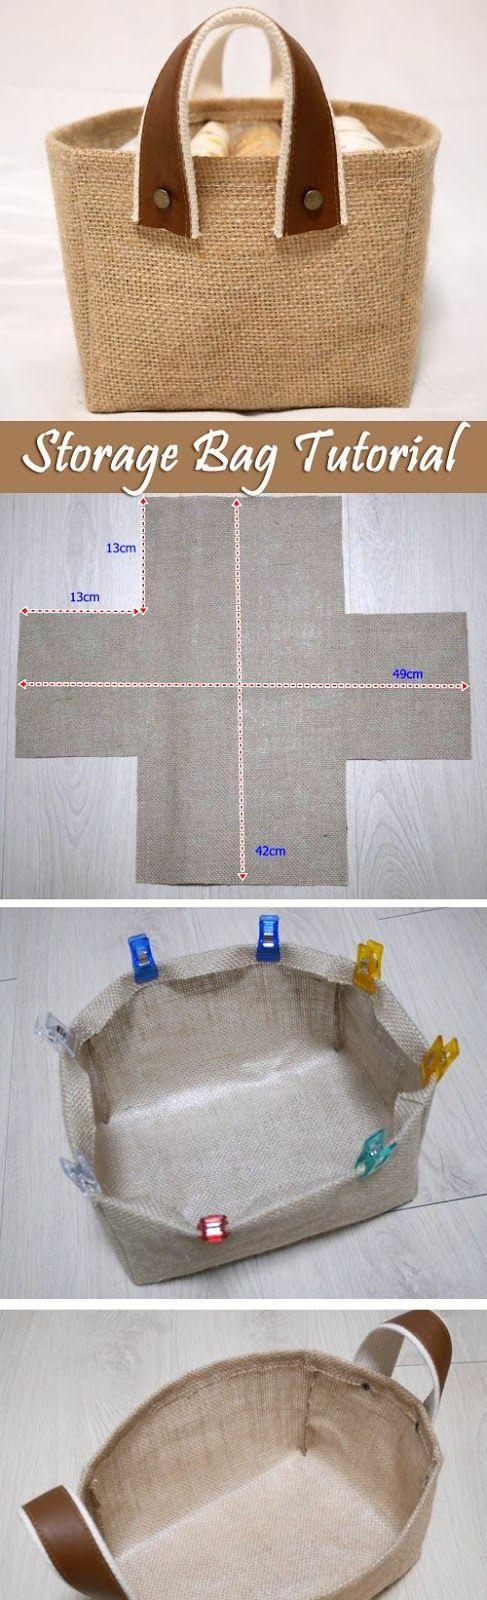 Keten kumaştan çanta yapmak şablonlu anlatım olarak bu yazımda sundum. Bu tür çalışmalar her zaman keyif vermiştir. Evde kolay çanta yapmak için keten kumaşı veya farklı kumaş kullanab